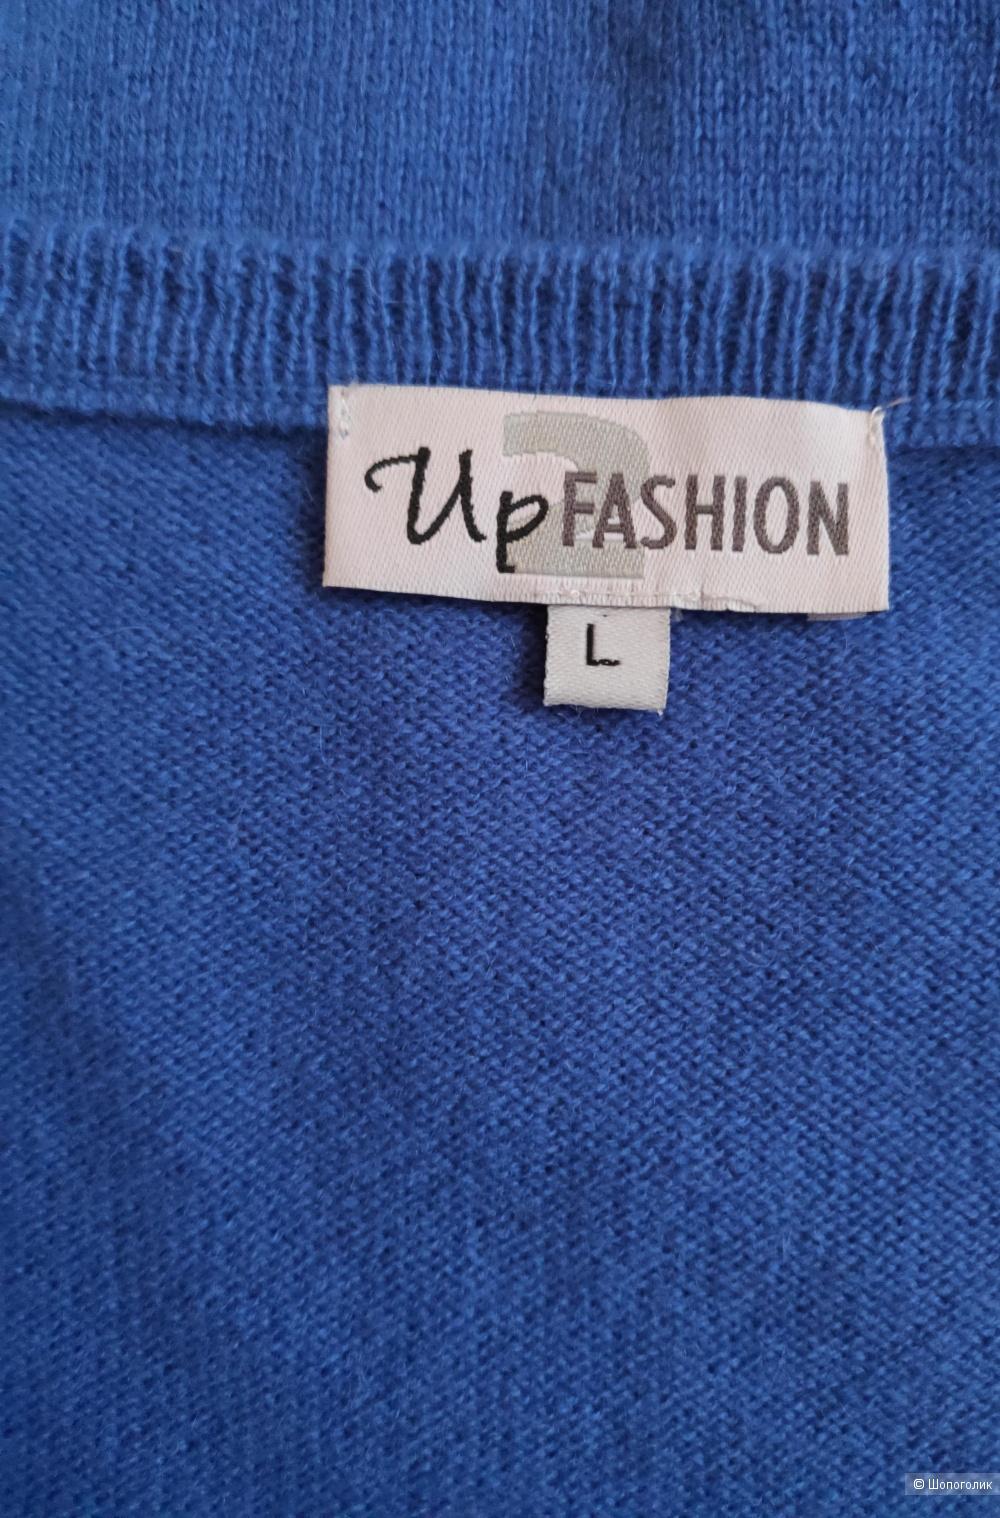 Джемпер Up 2 Fashion. Маркировка L.